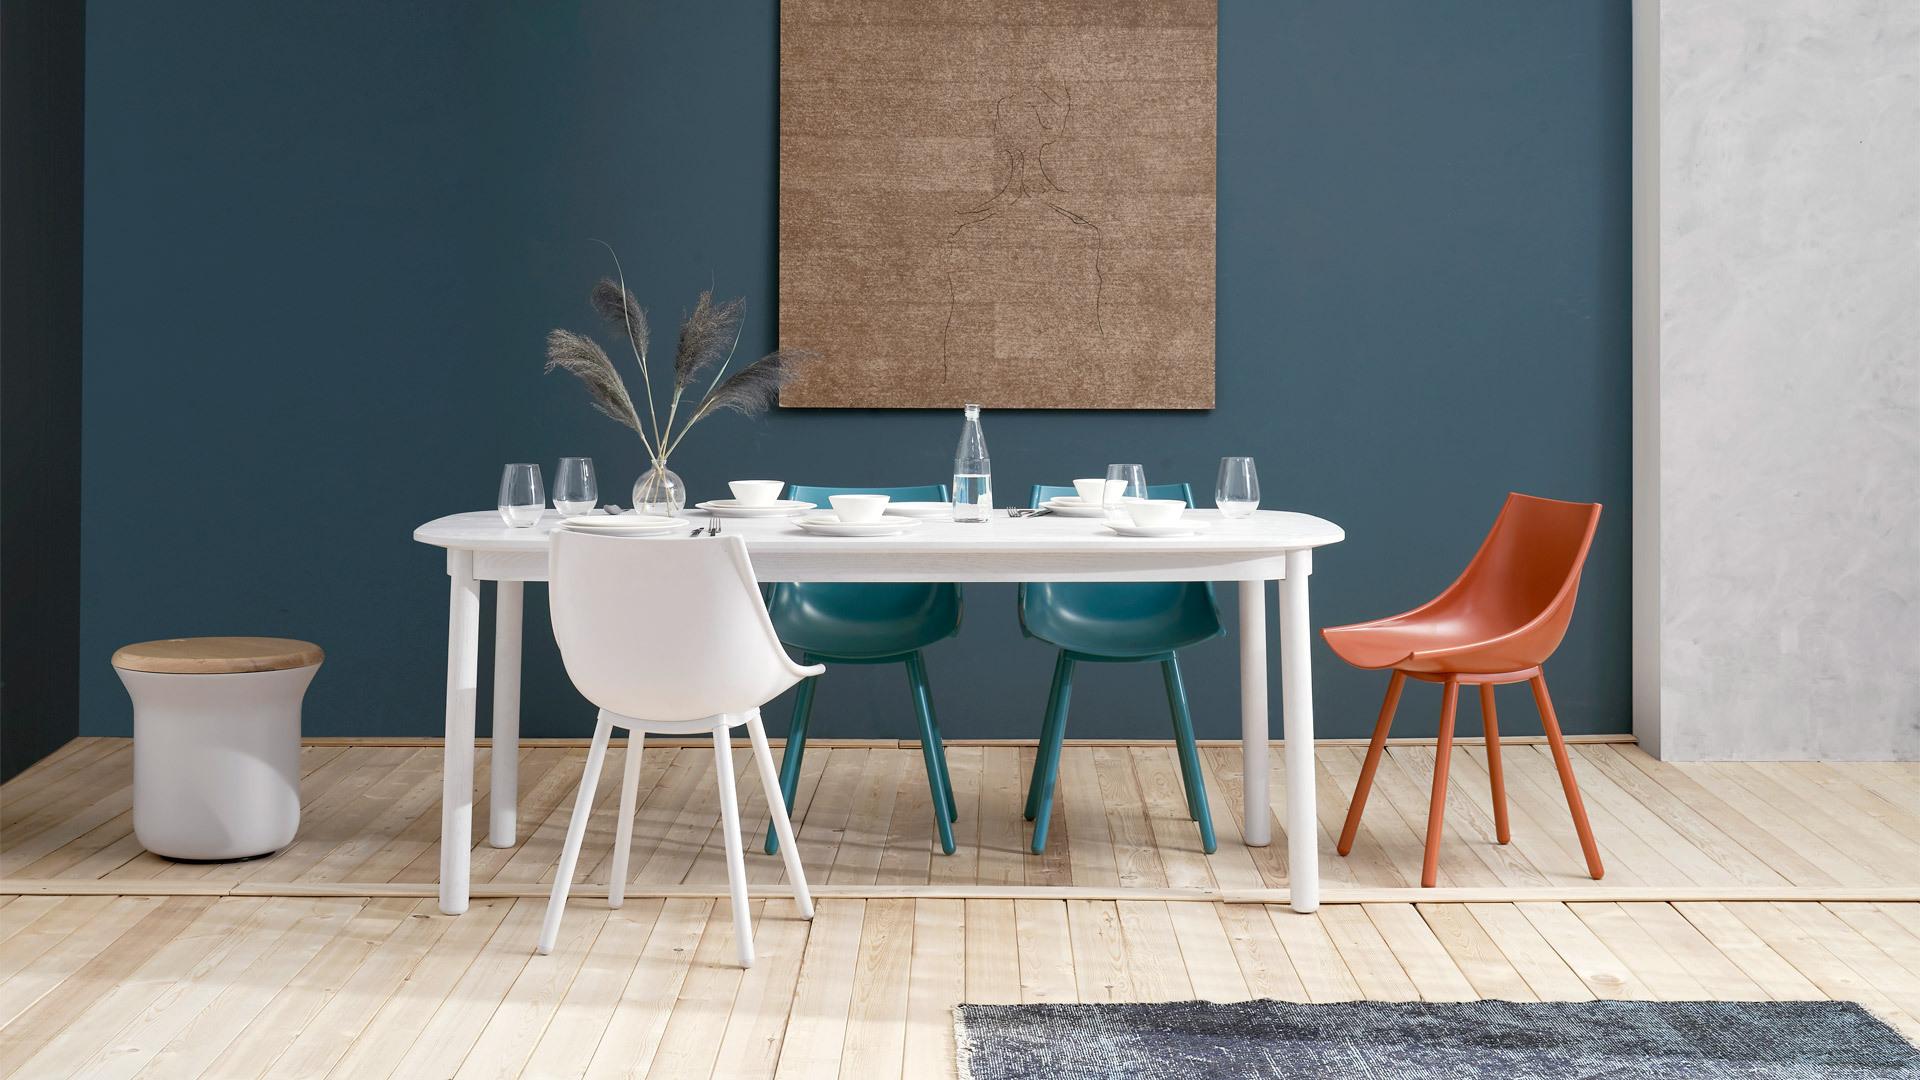 8人用餐大桌,围坐一室温馨